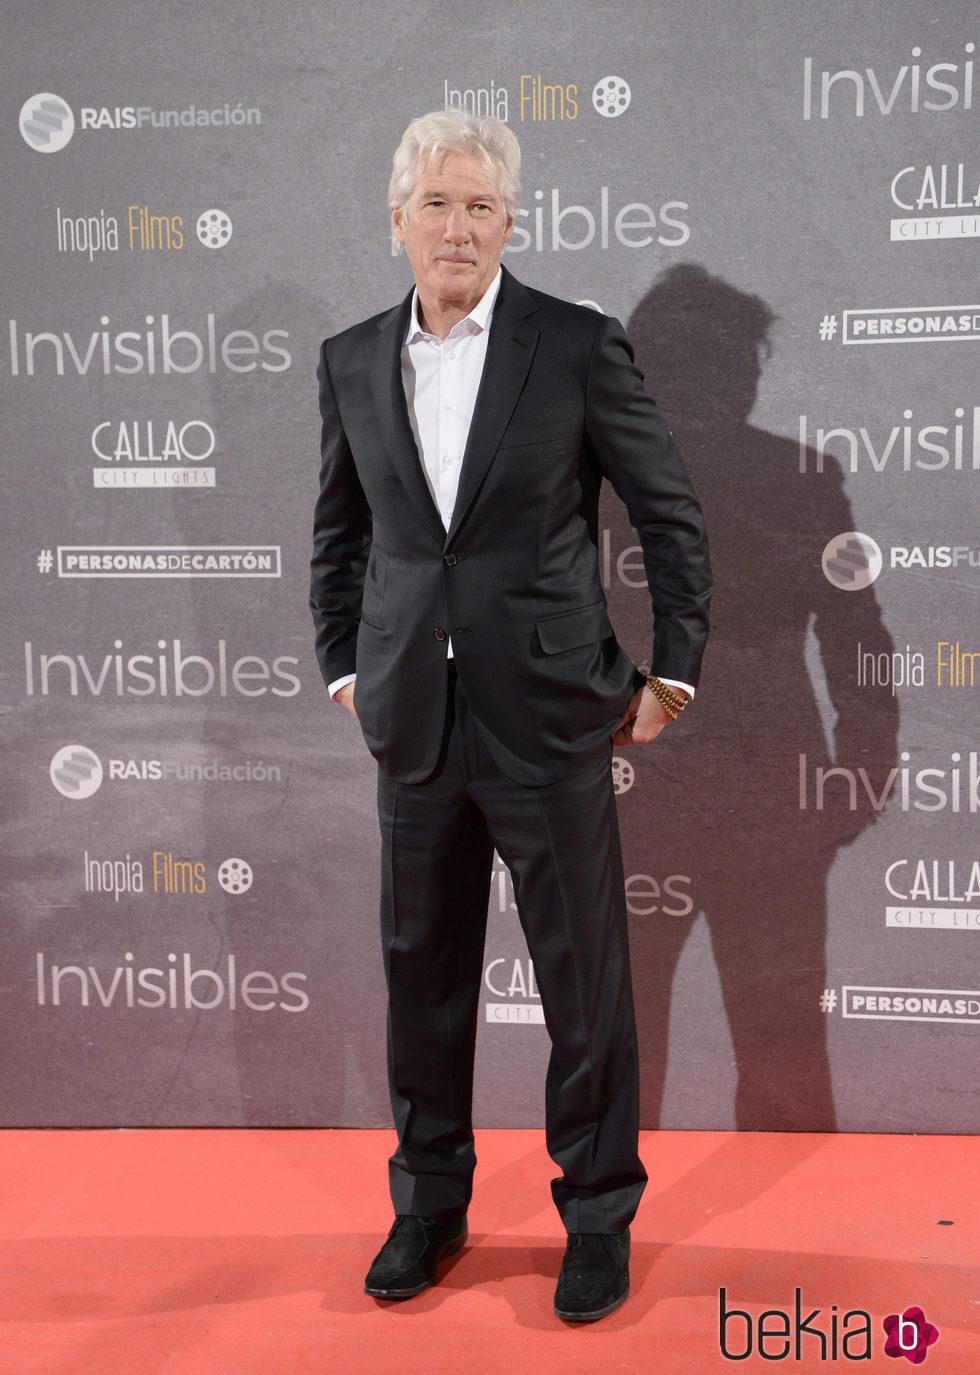 Richard Gere en el estreno de 'Invisibles' en Madrid